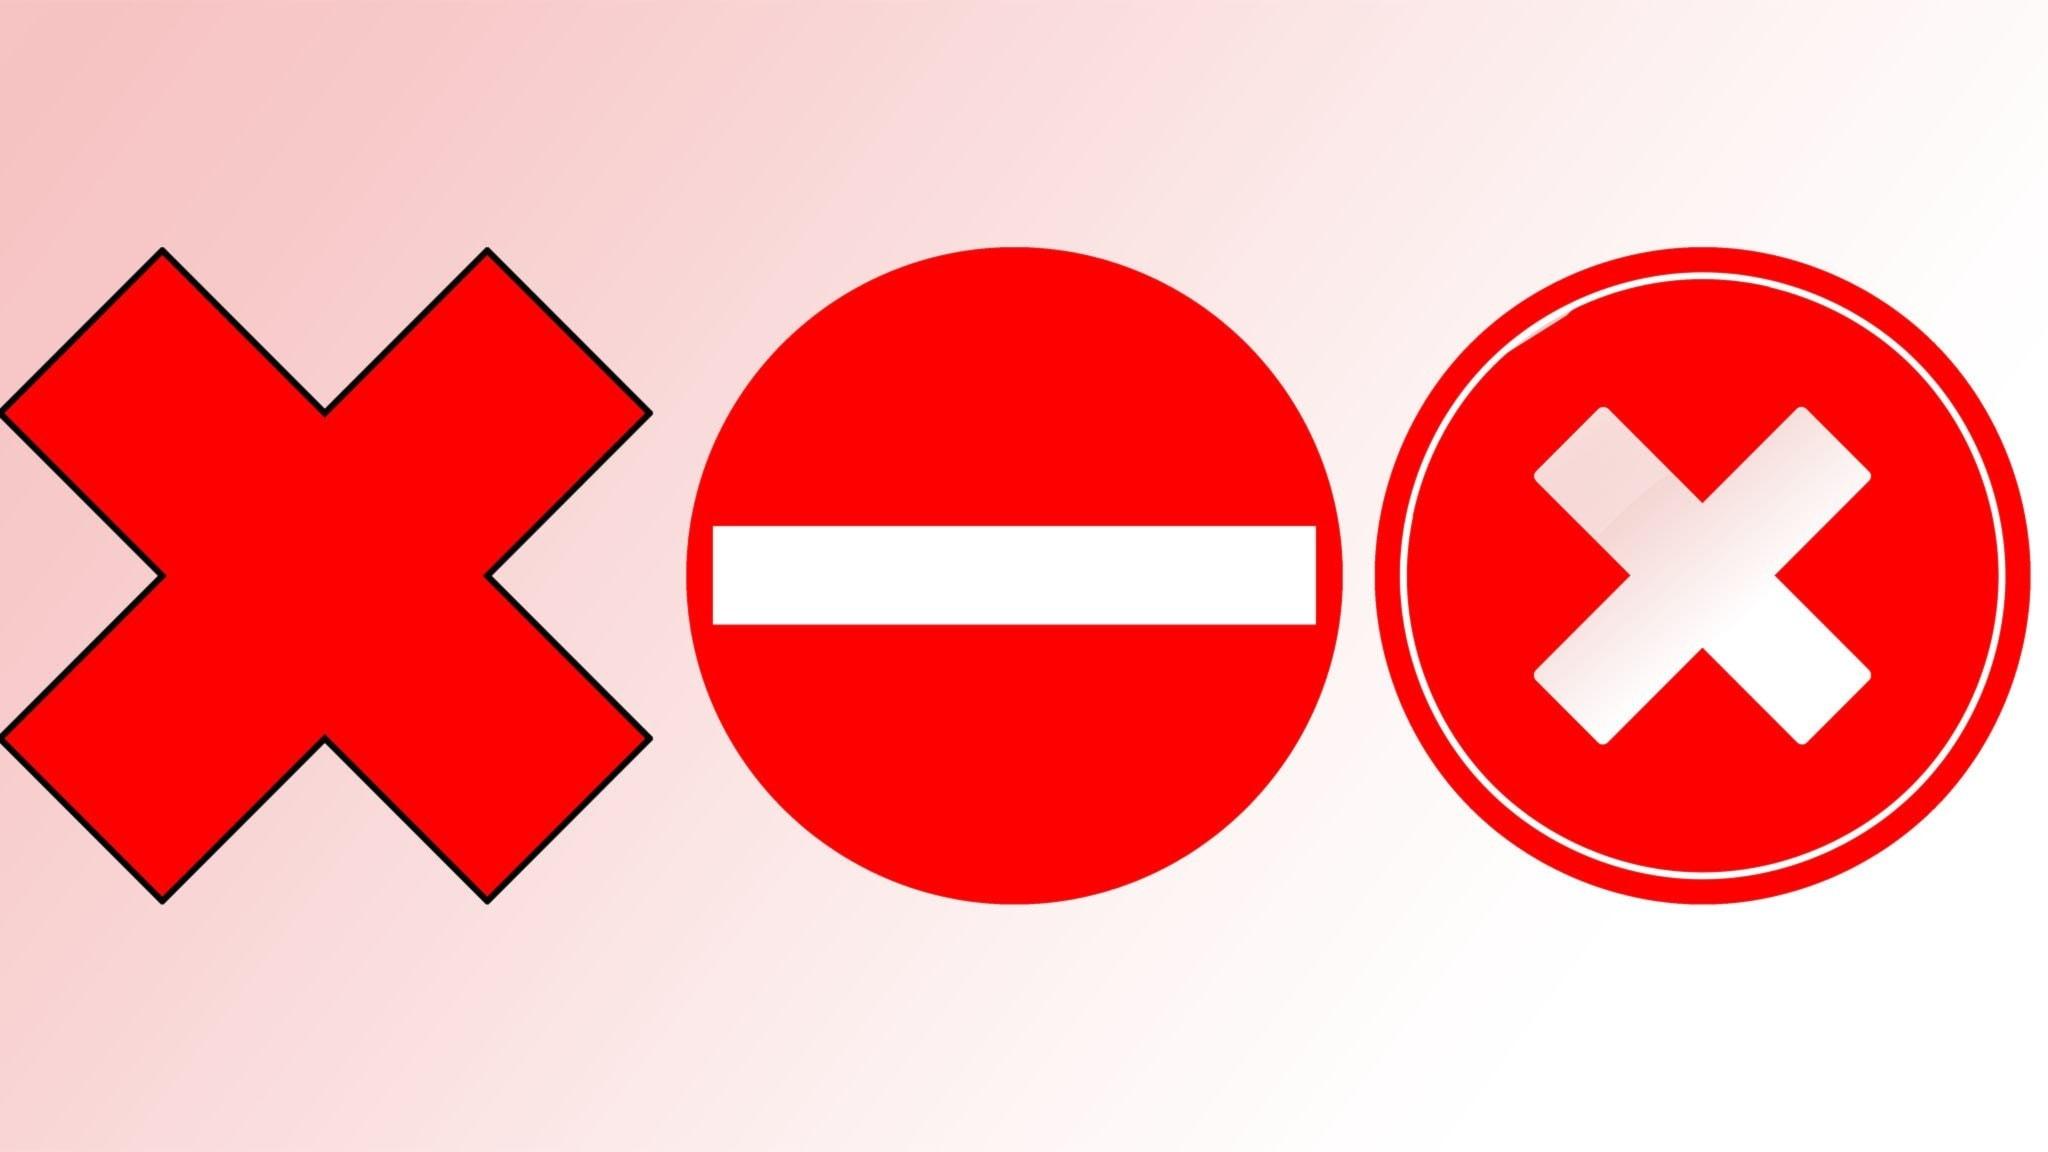 Tre stoppskyltar på rad.